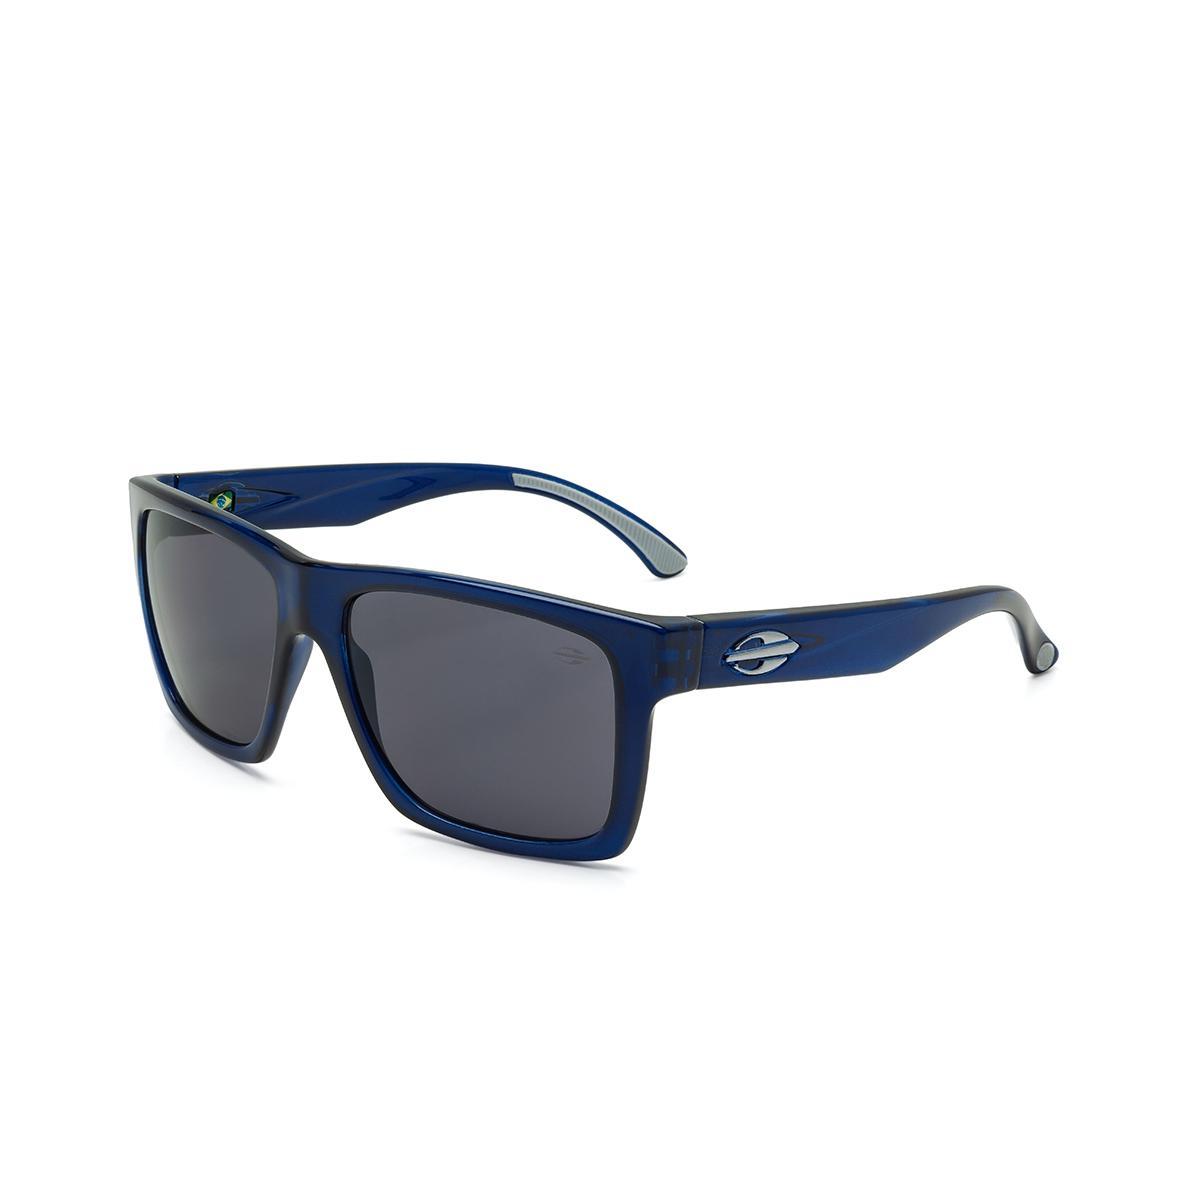 dcc7e41ab583f Óculos de Sol Mormaii SAN DIEGO M0009 521 01 Azul Lente Cinza Tam 55 R   279,99 à vista. Adicionar à sacola